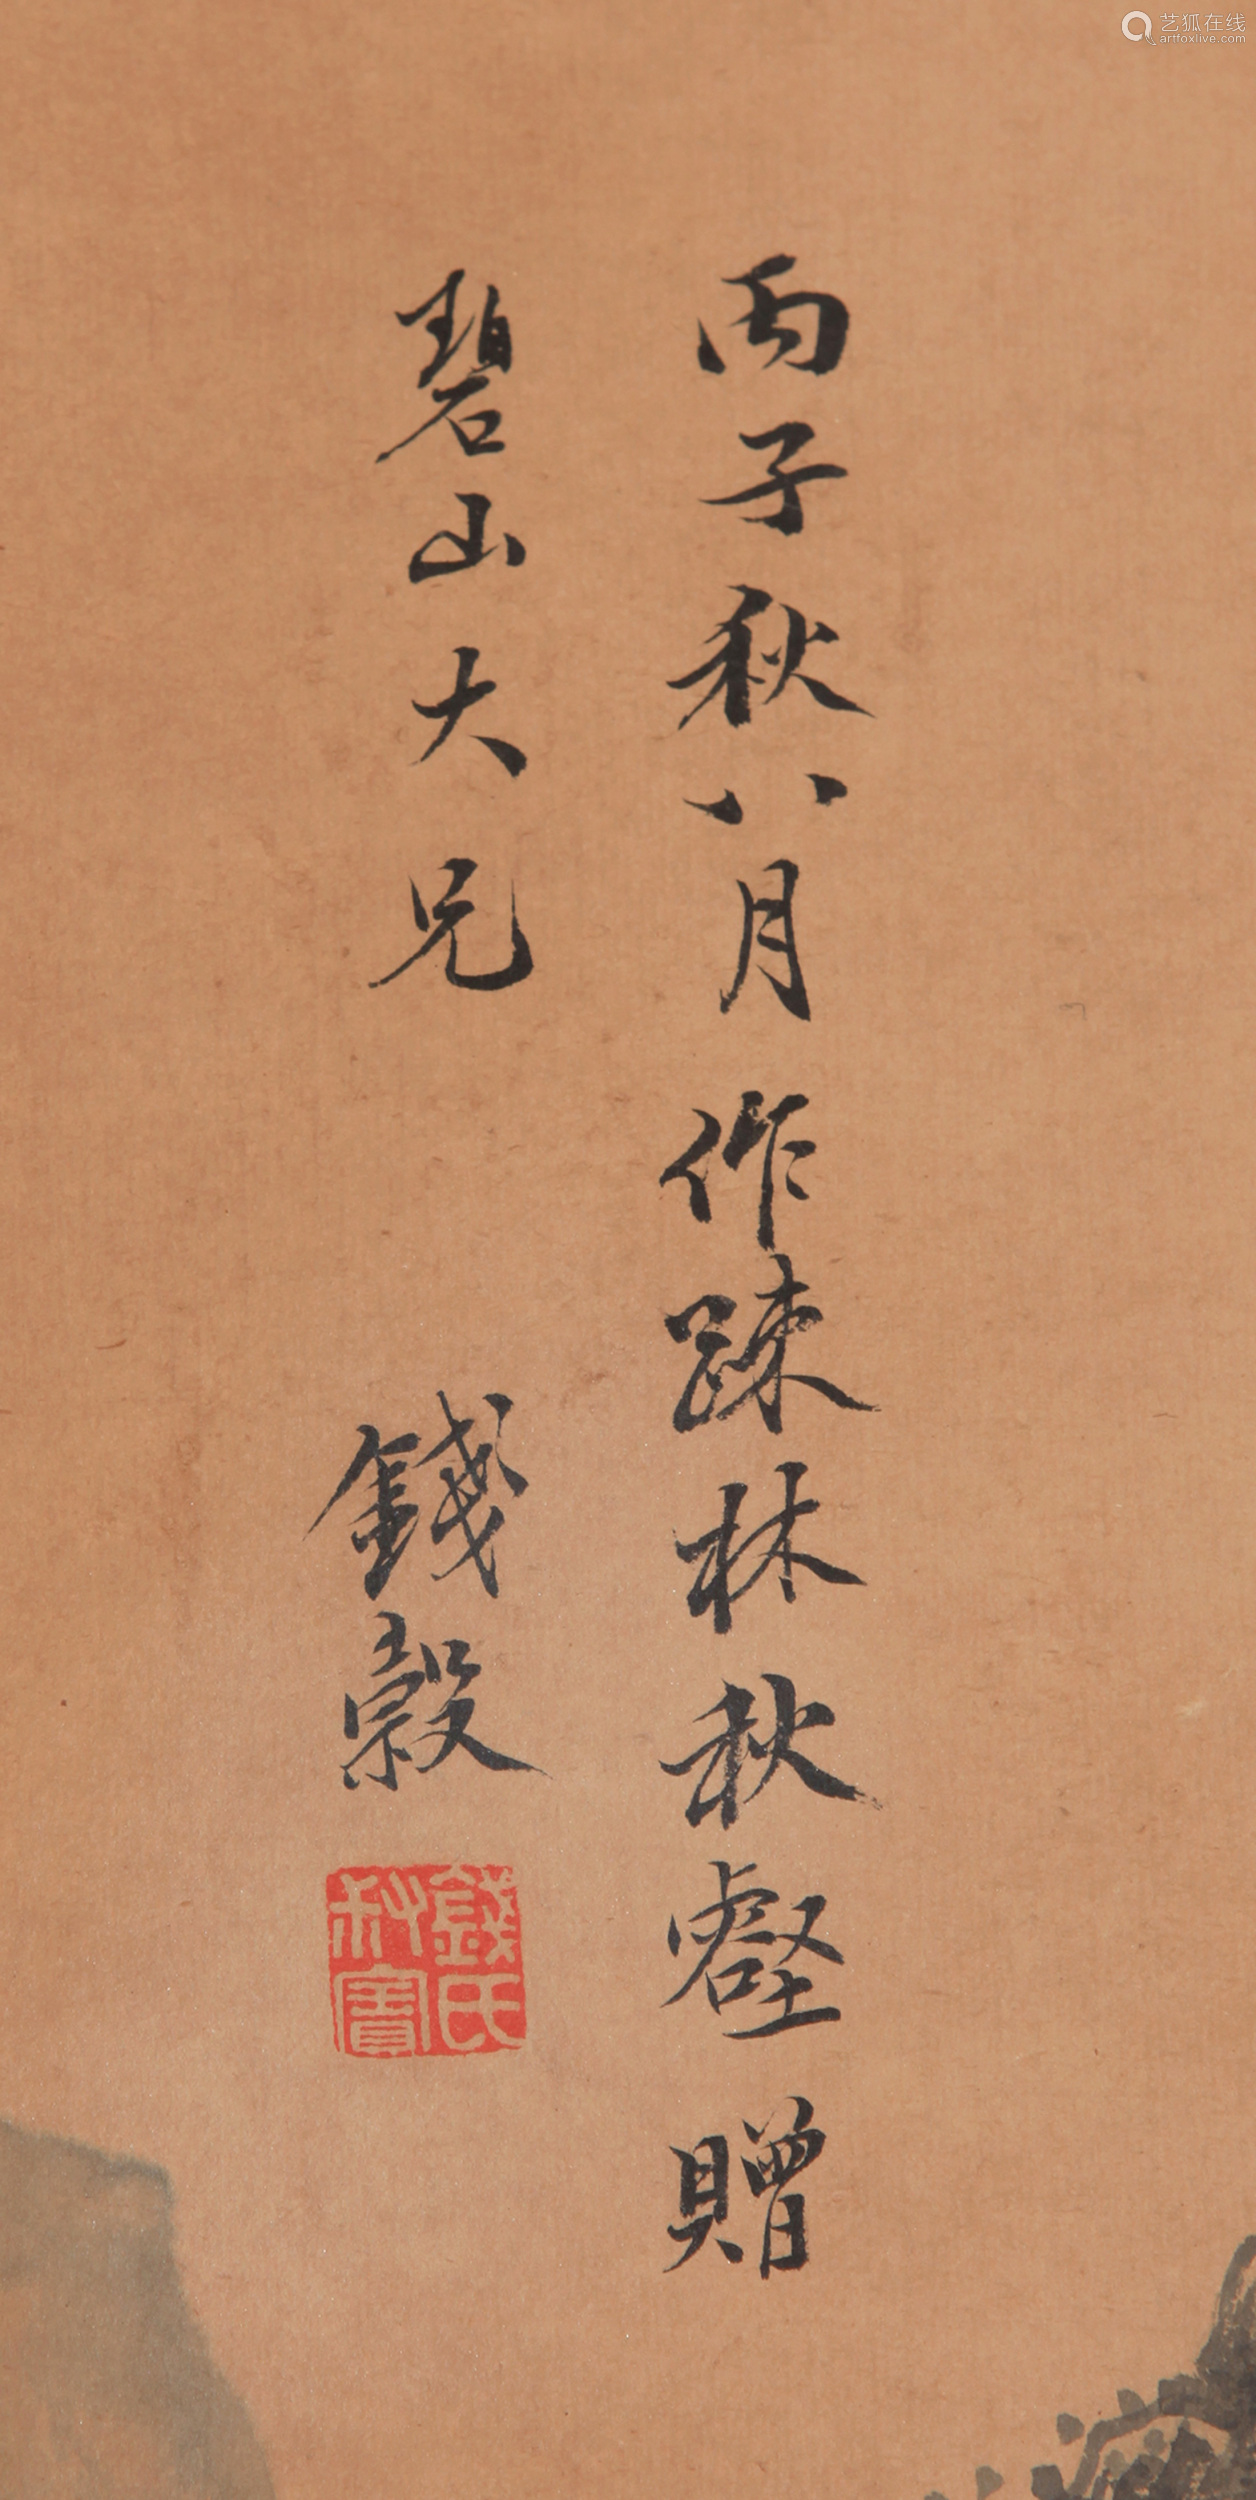 Qian Gu - Mountain Scenery Shan Shui Painting